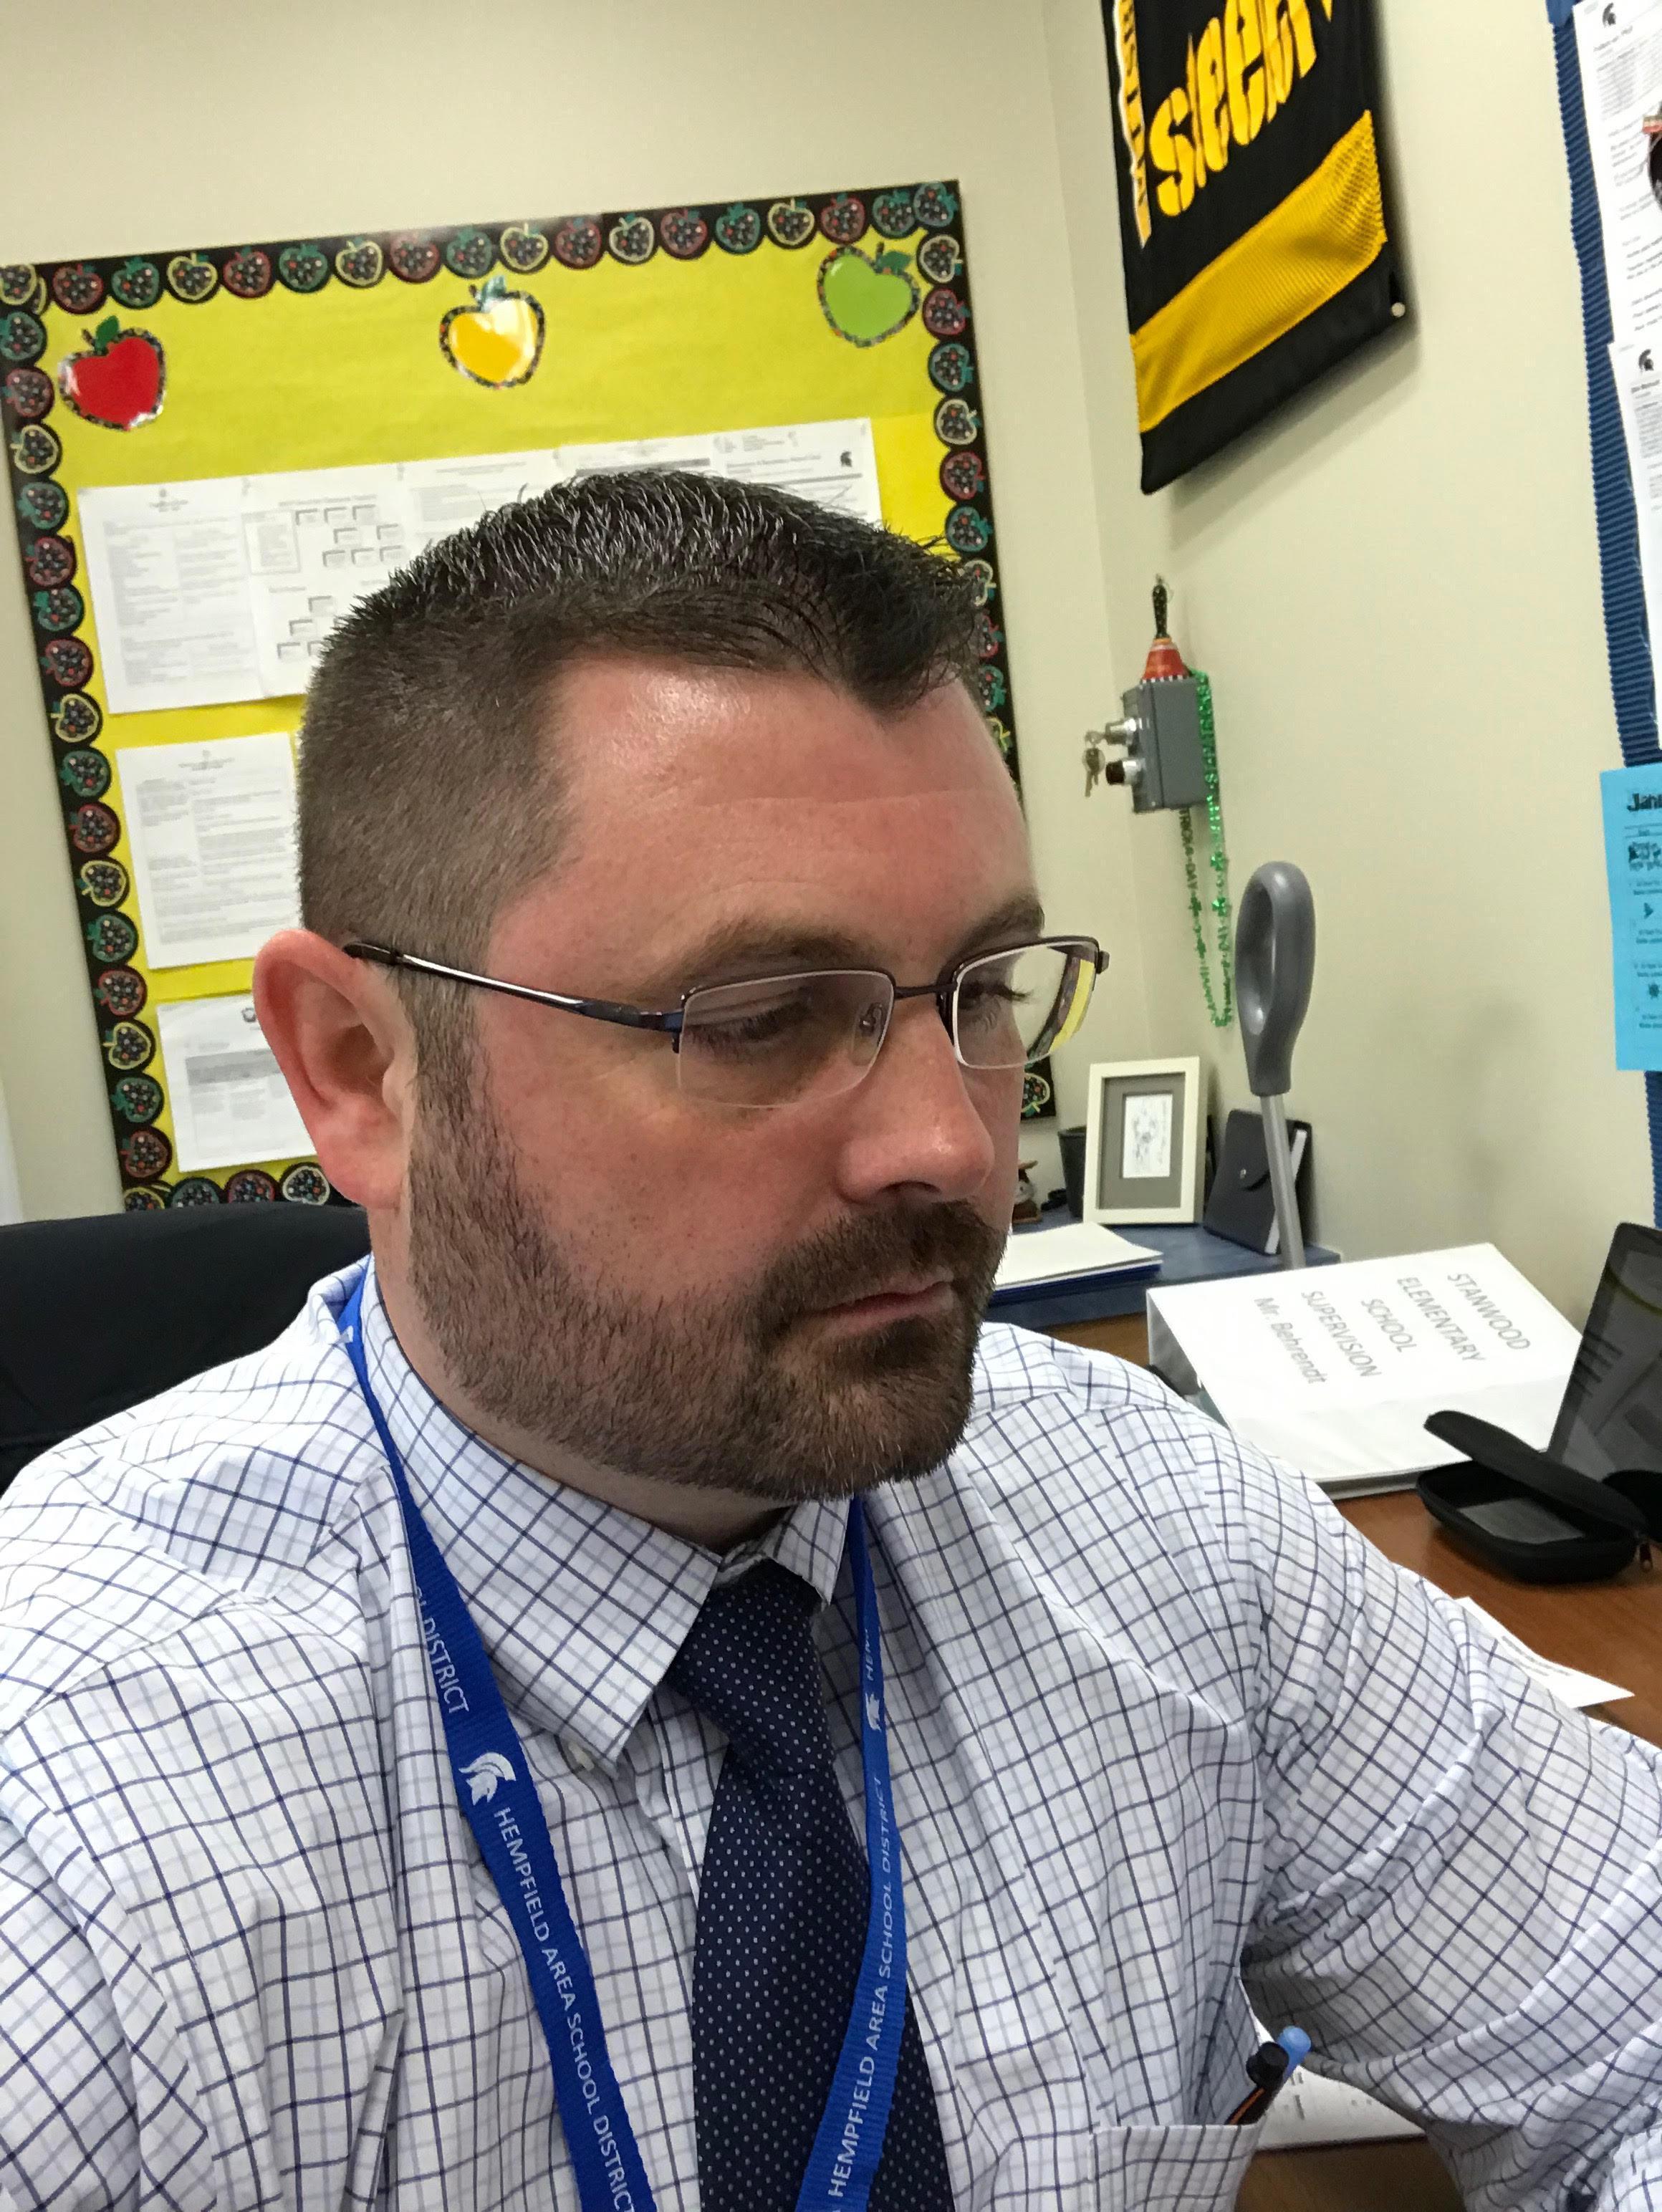 Mr. Behrendt